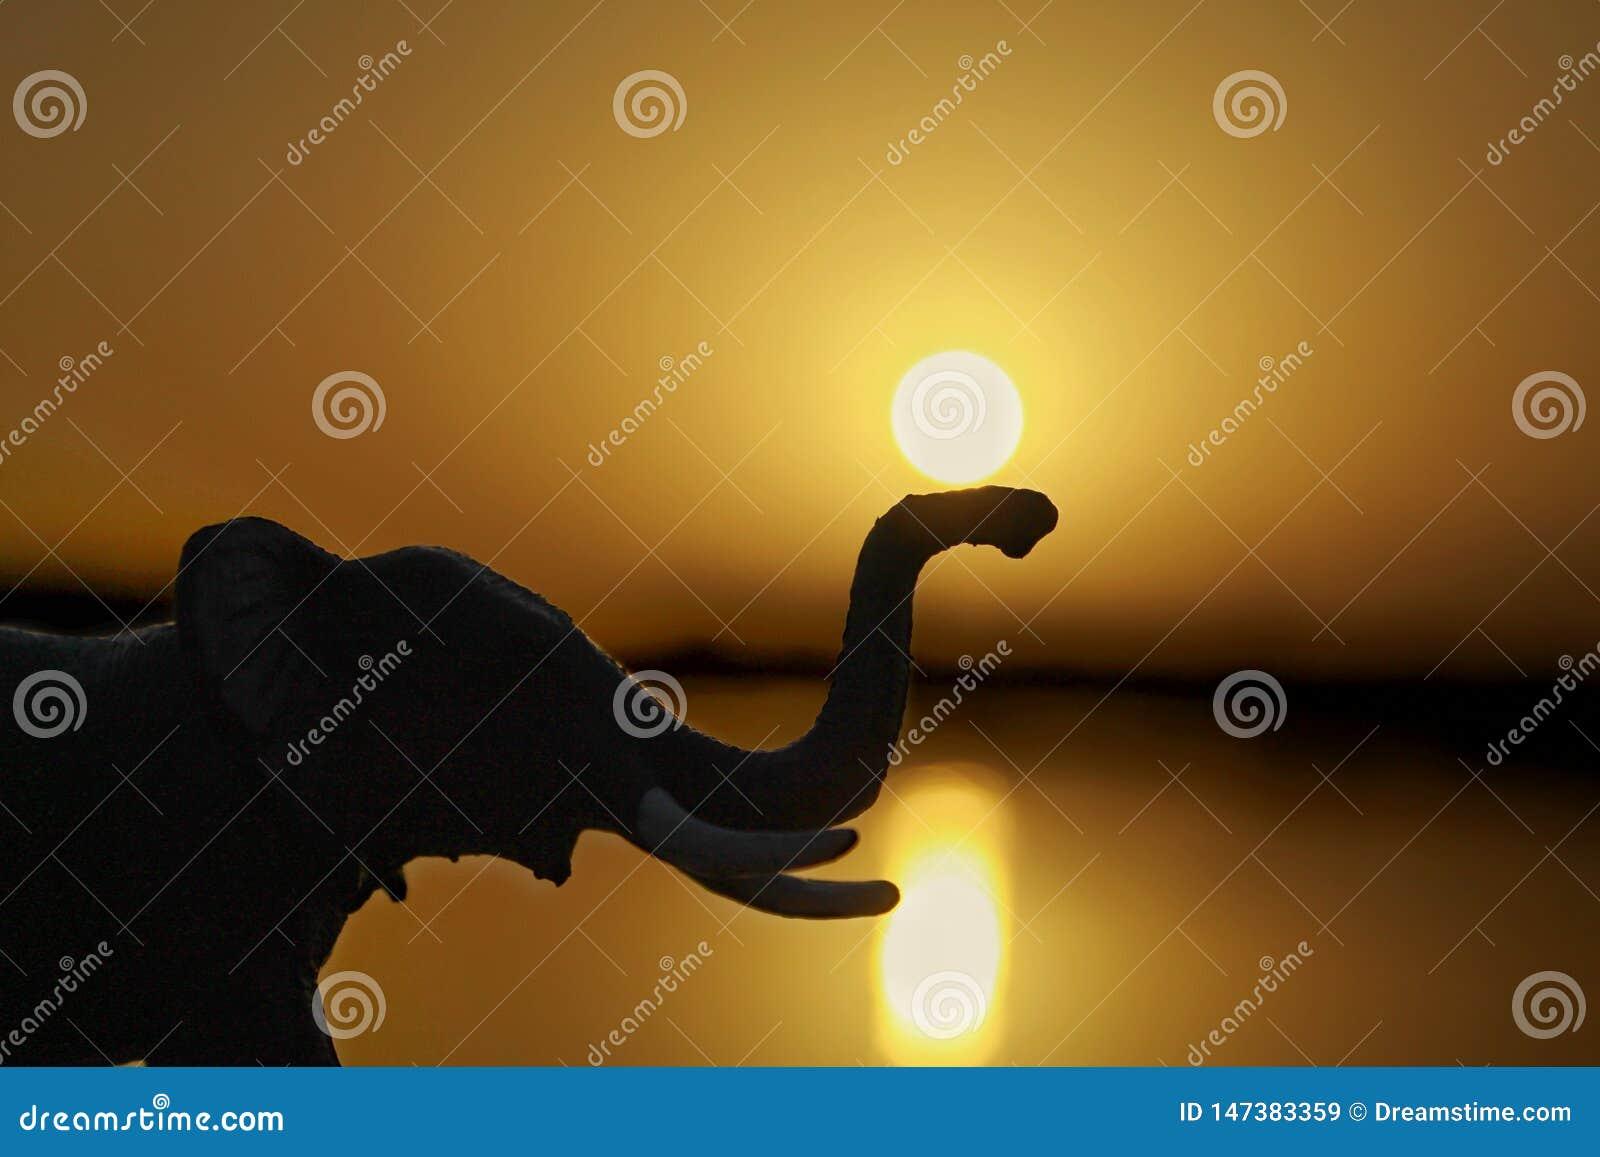 Die Sonne und der Elefant während des Sonnenuntergangs